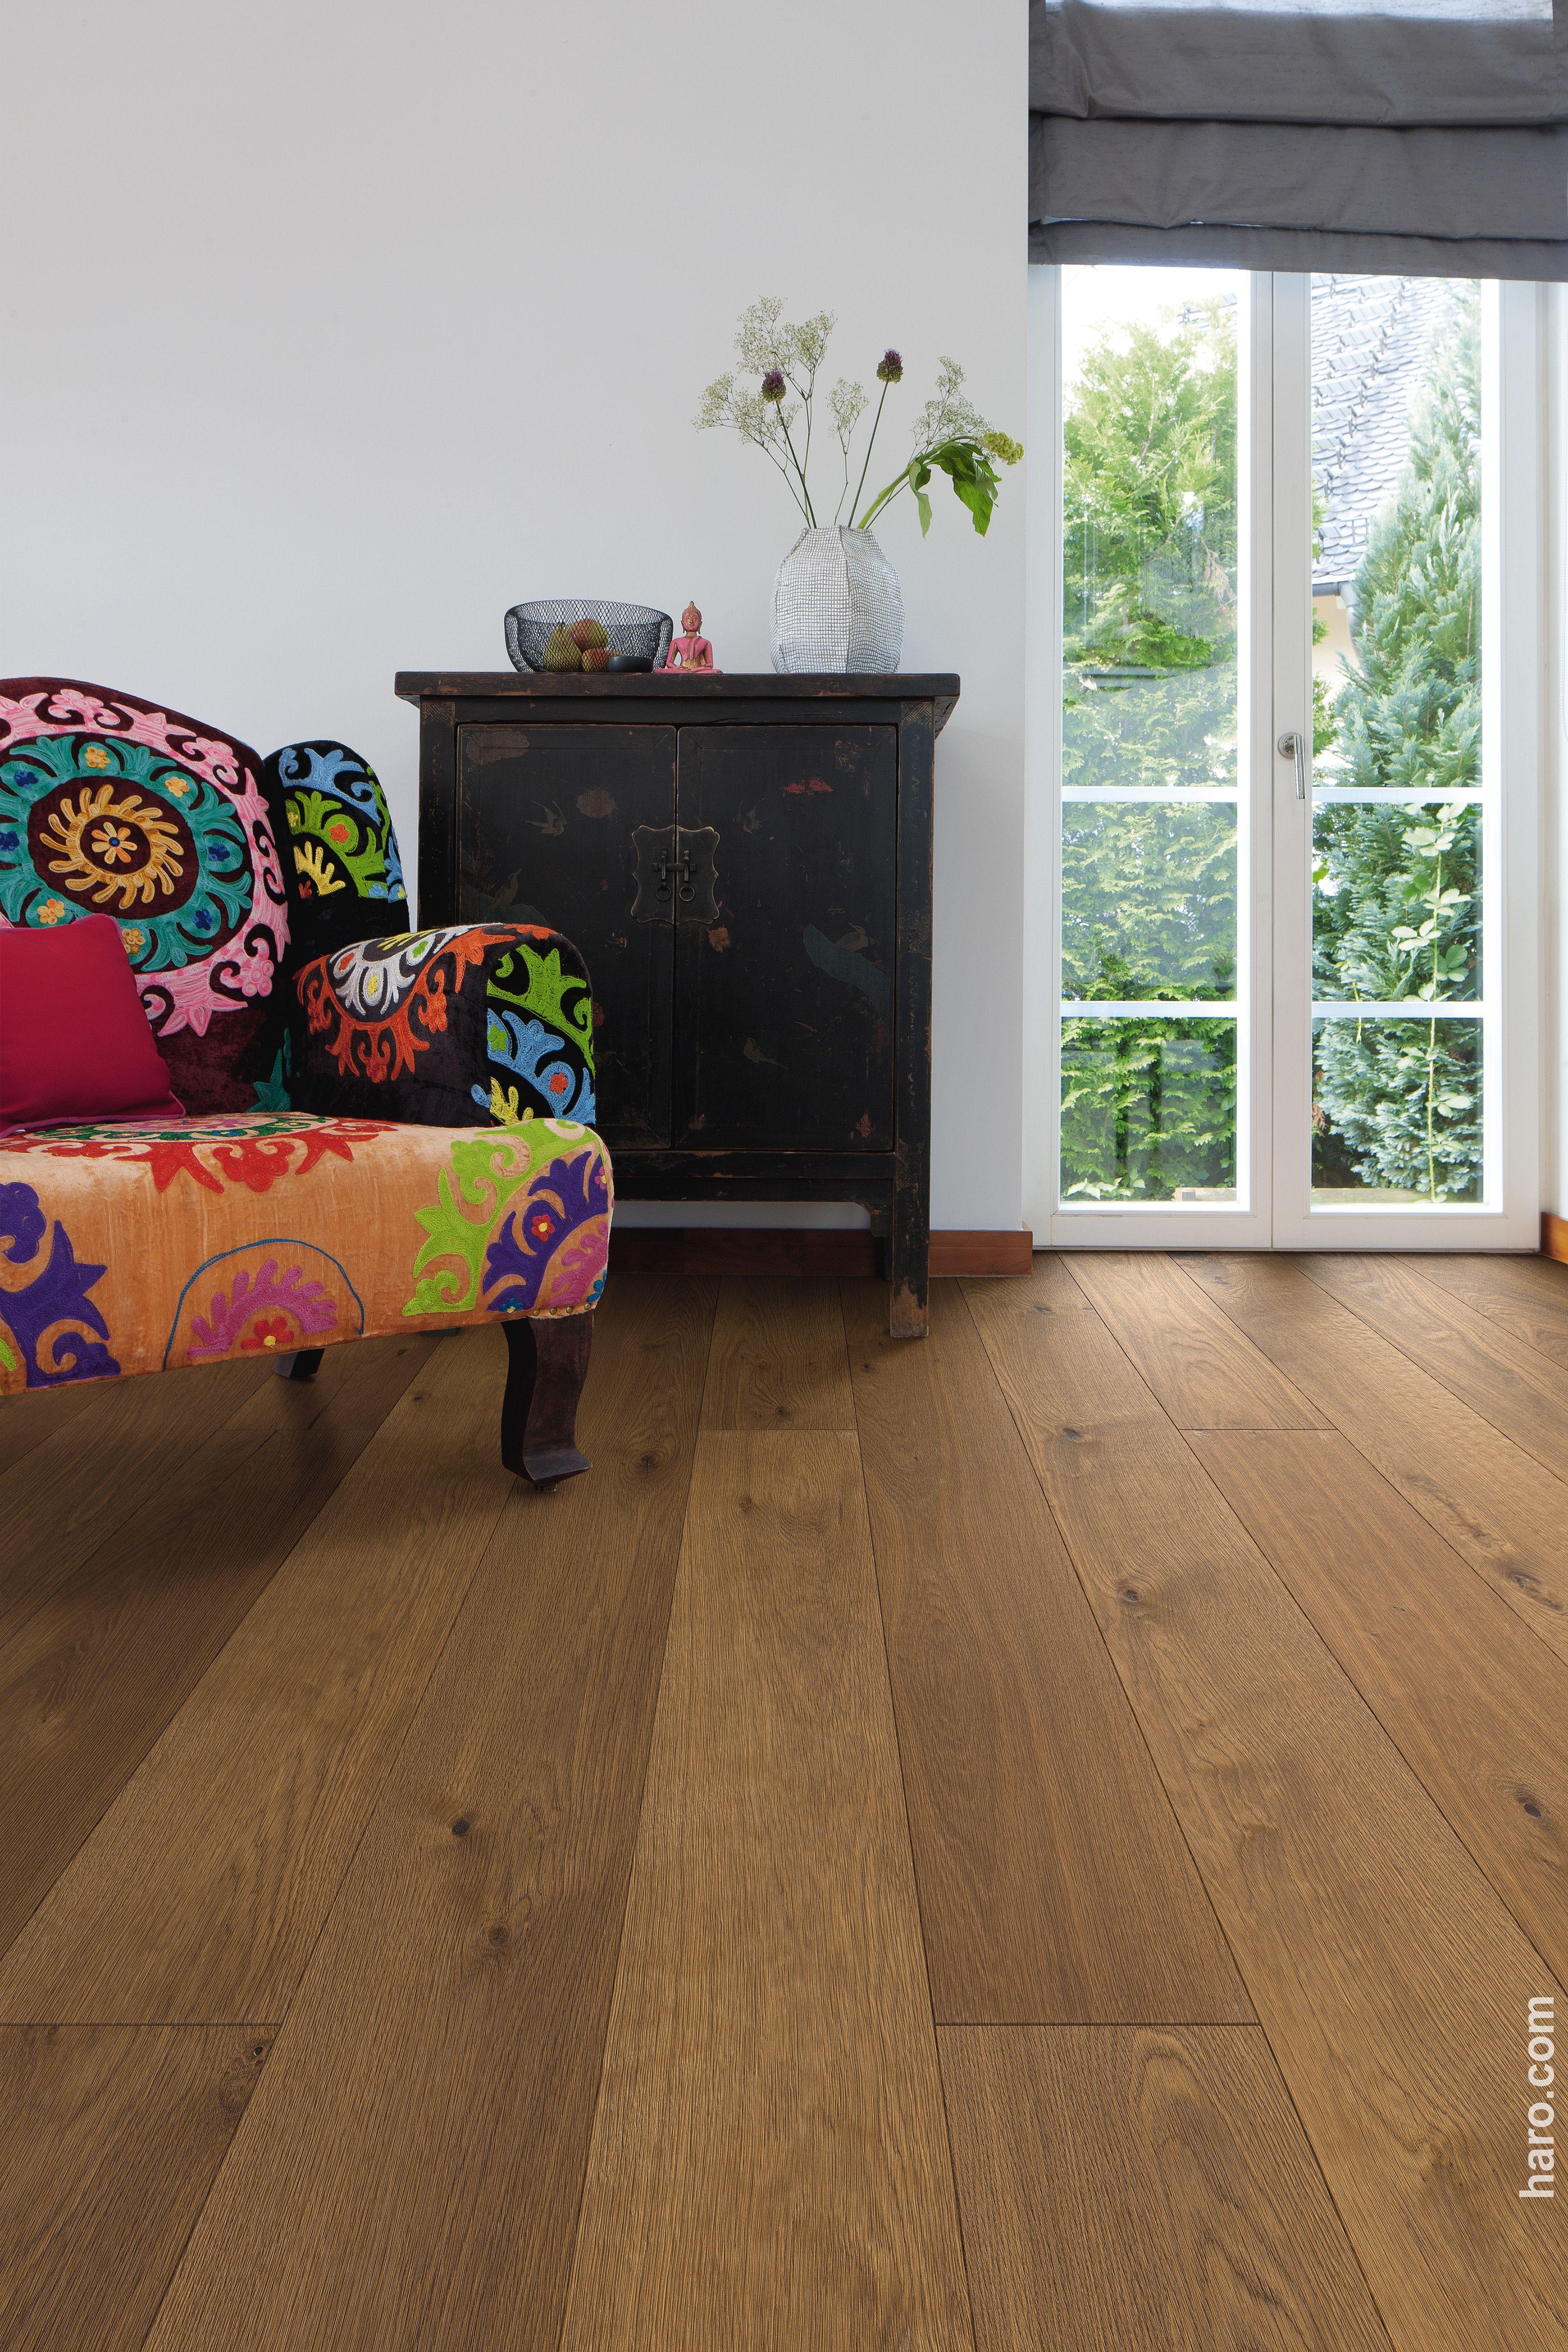 Unsere Parkett Landhausdiele Plaza Bernsteineiche Sauvage Lässt Sich  Wunderbar Mit Farbenfrohen Möbeln